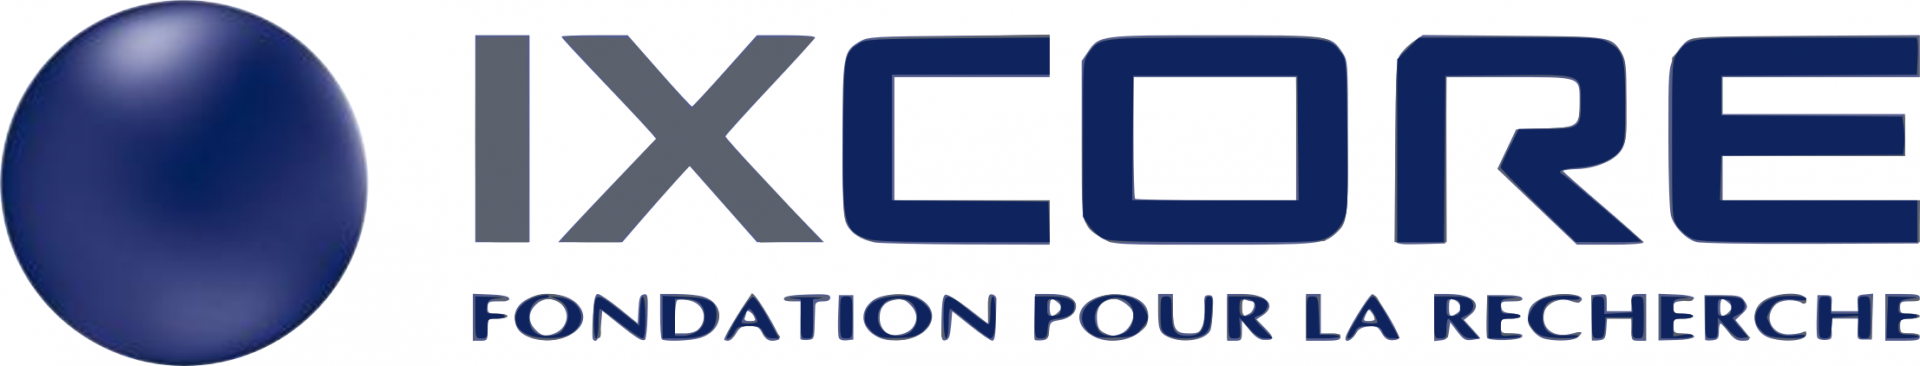 Ixcore site